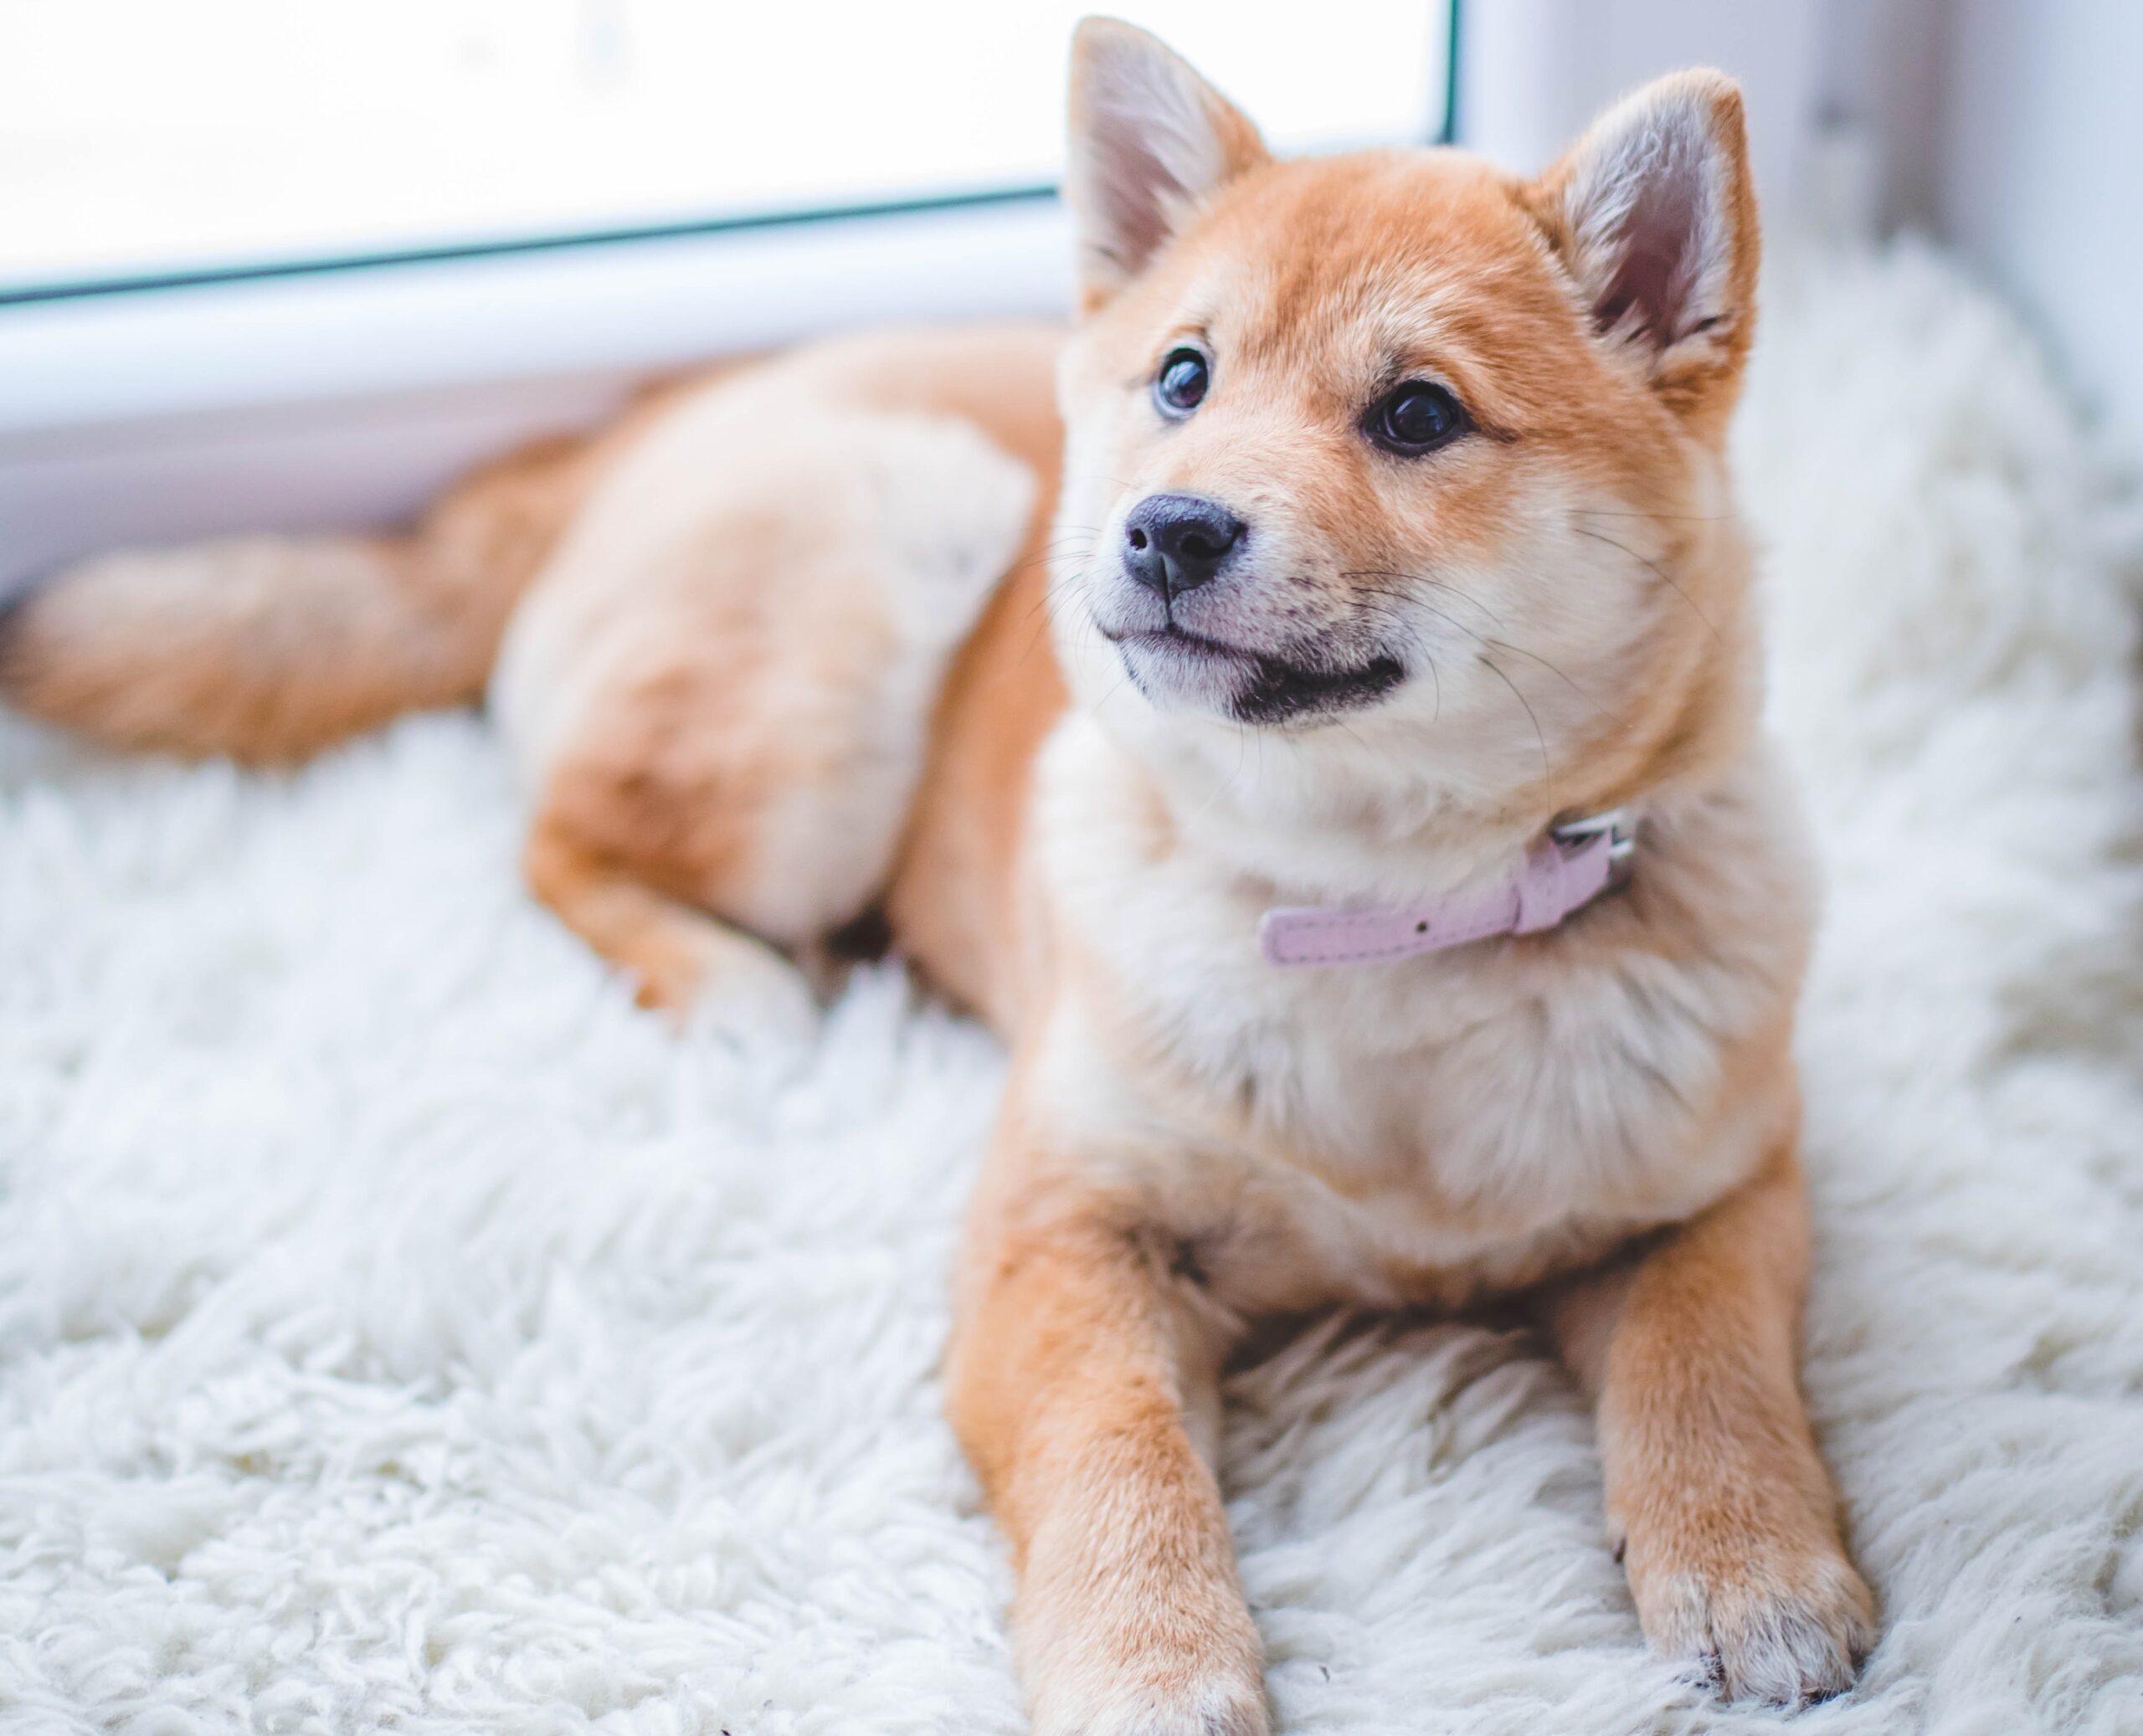 szőnyegtisztítás, kutya a szőnyegen